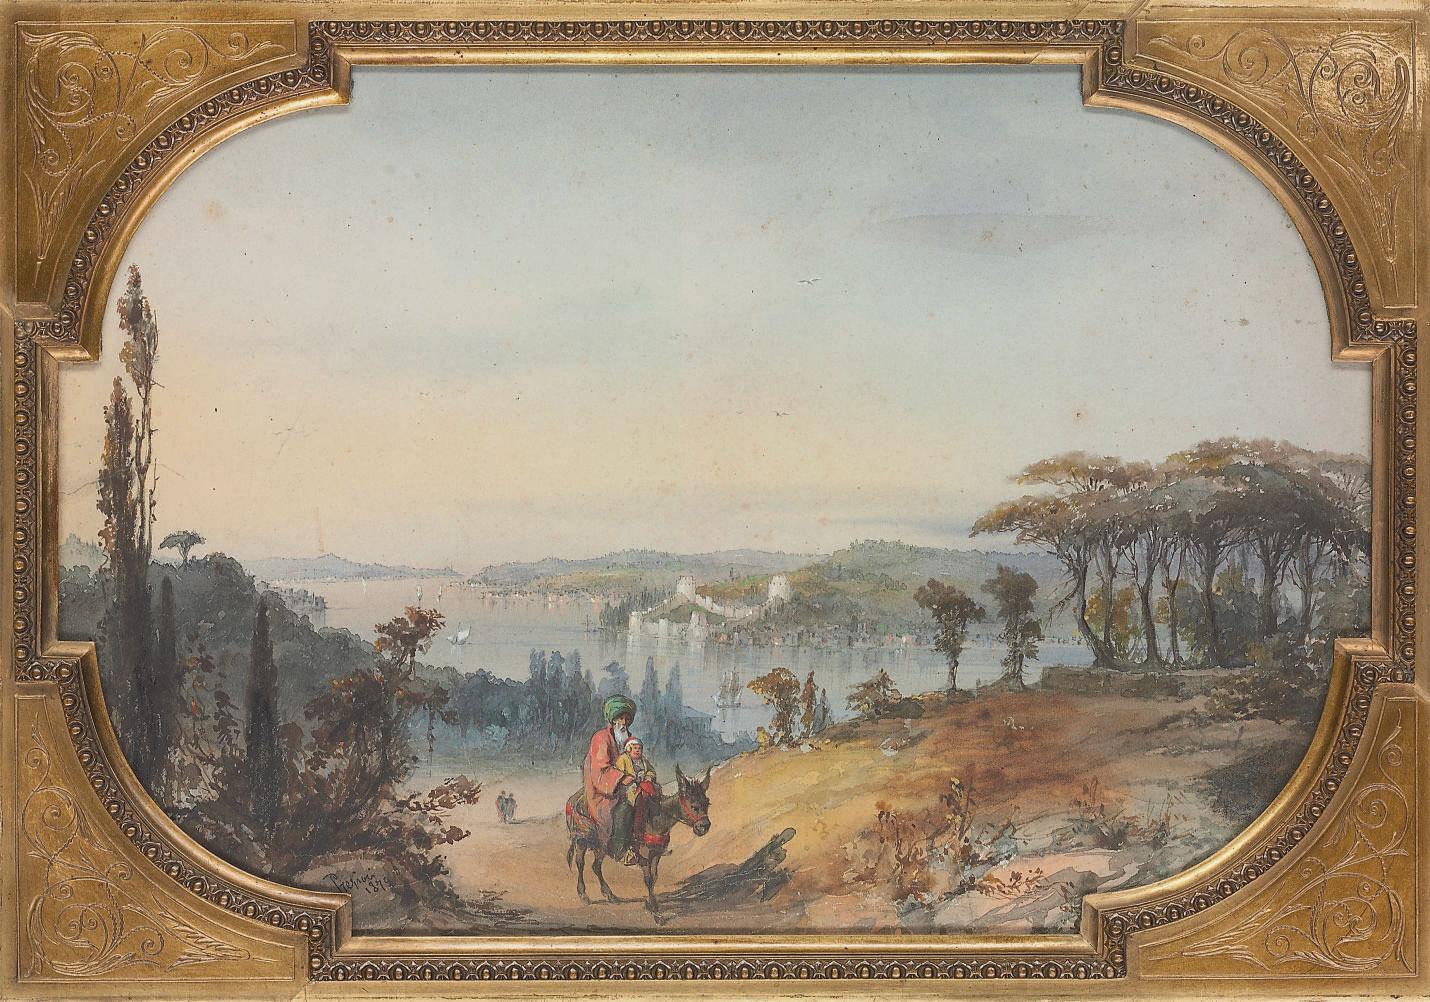 Vue du Bosphore avec à l'horizon Rumeli Hisari, Constantinople